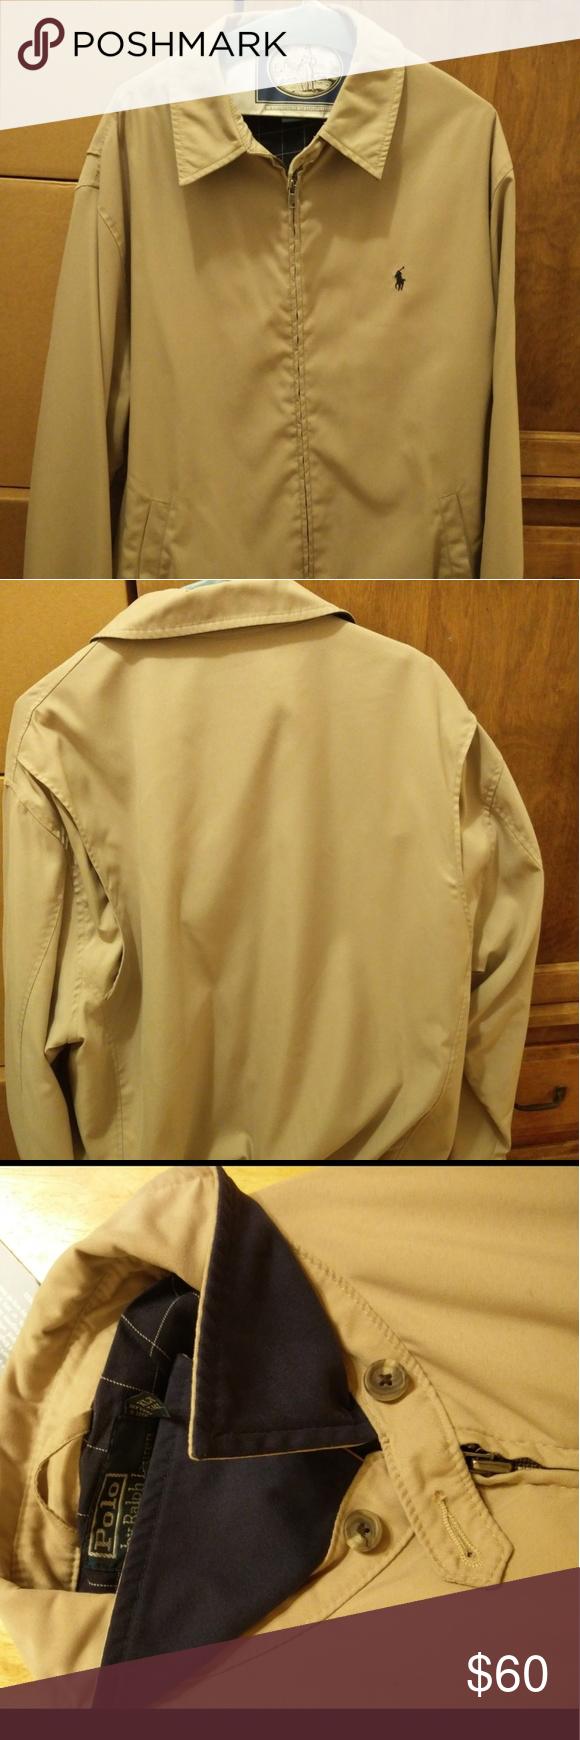 Polo By Ralph Lauren Windbreaker Harrington Jacket With Images Ralph Lauren Harrington Jacket